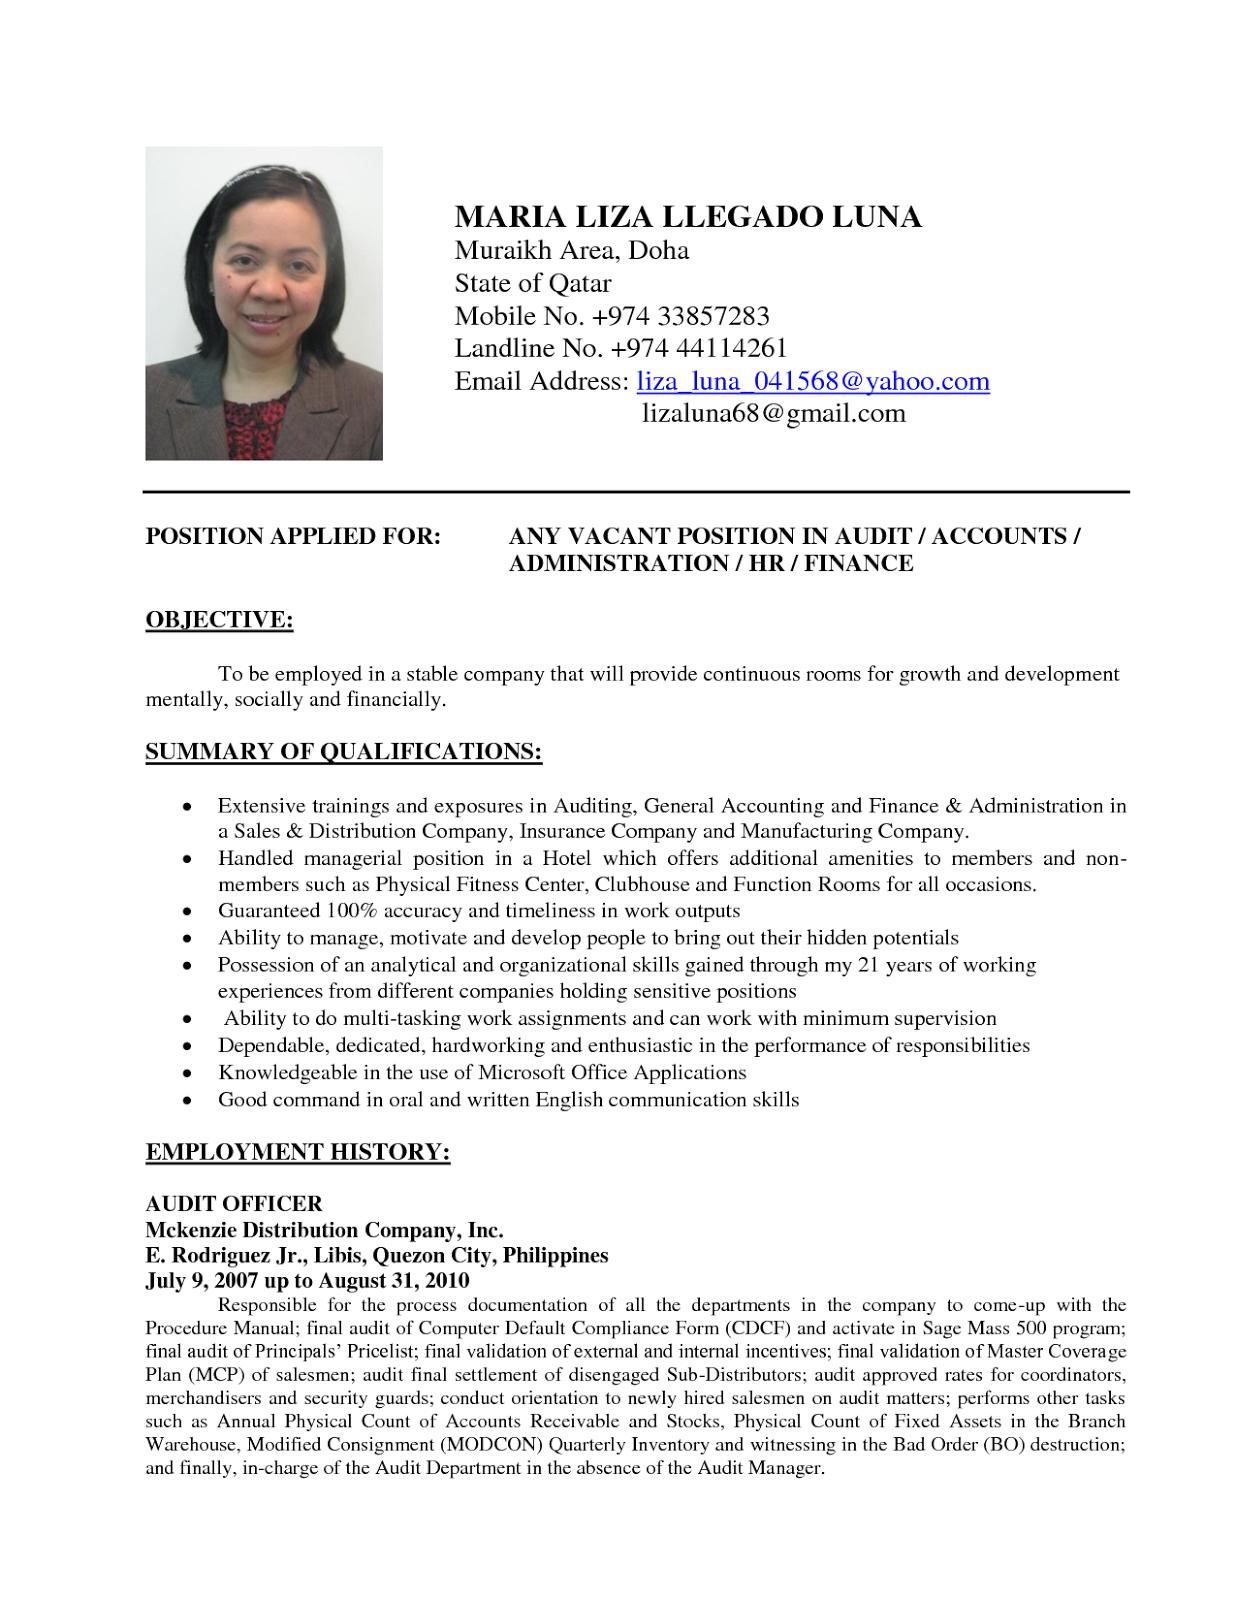 7 Surat Lamaran Kerja Akuntansi Dalam Bahasa Inggris Akuntansi Bahasa Surat